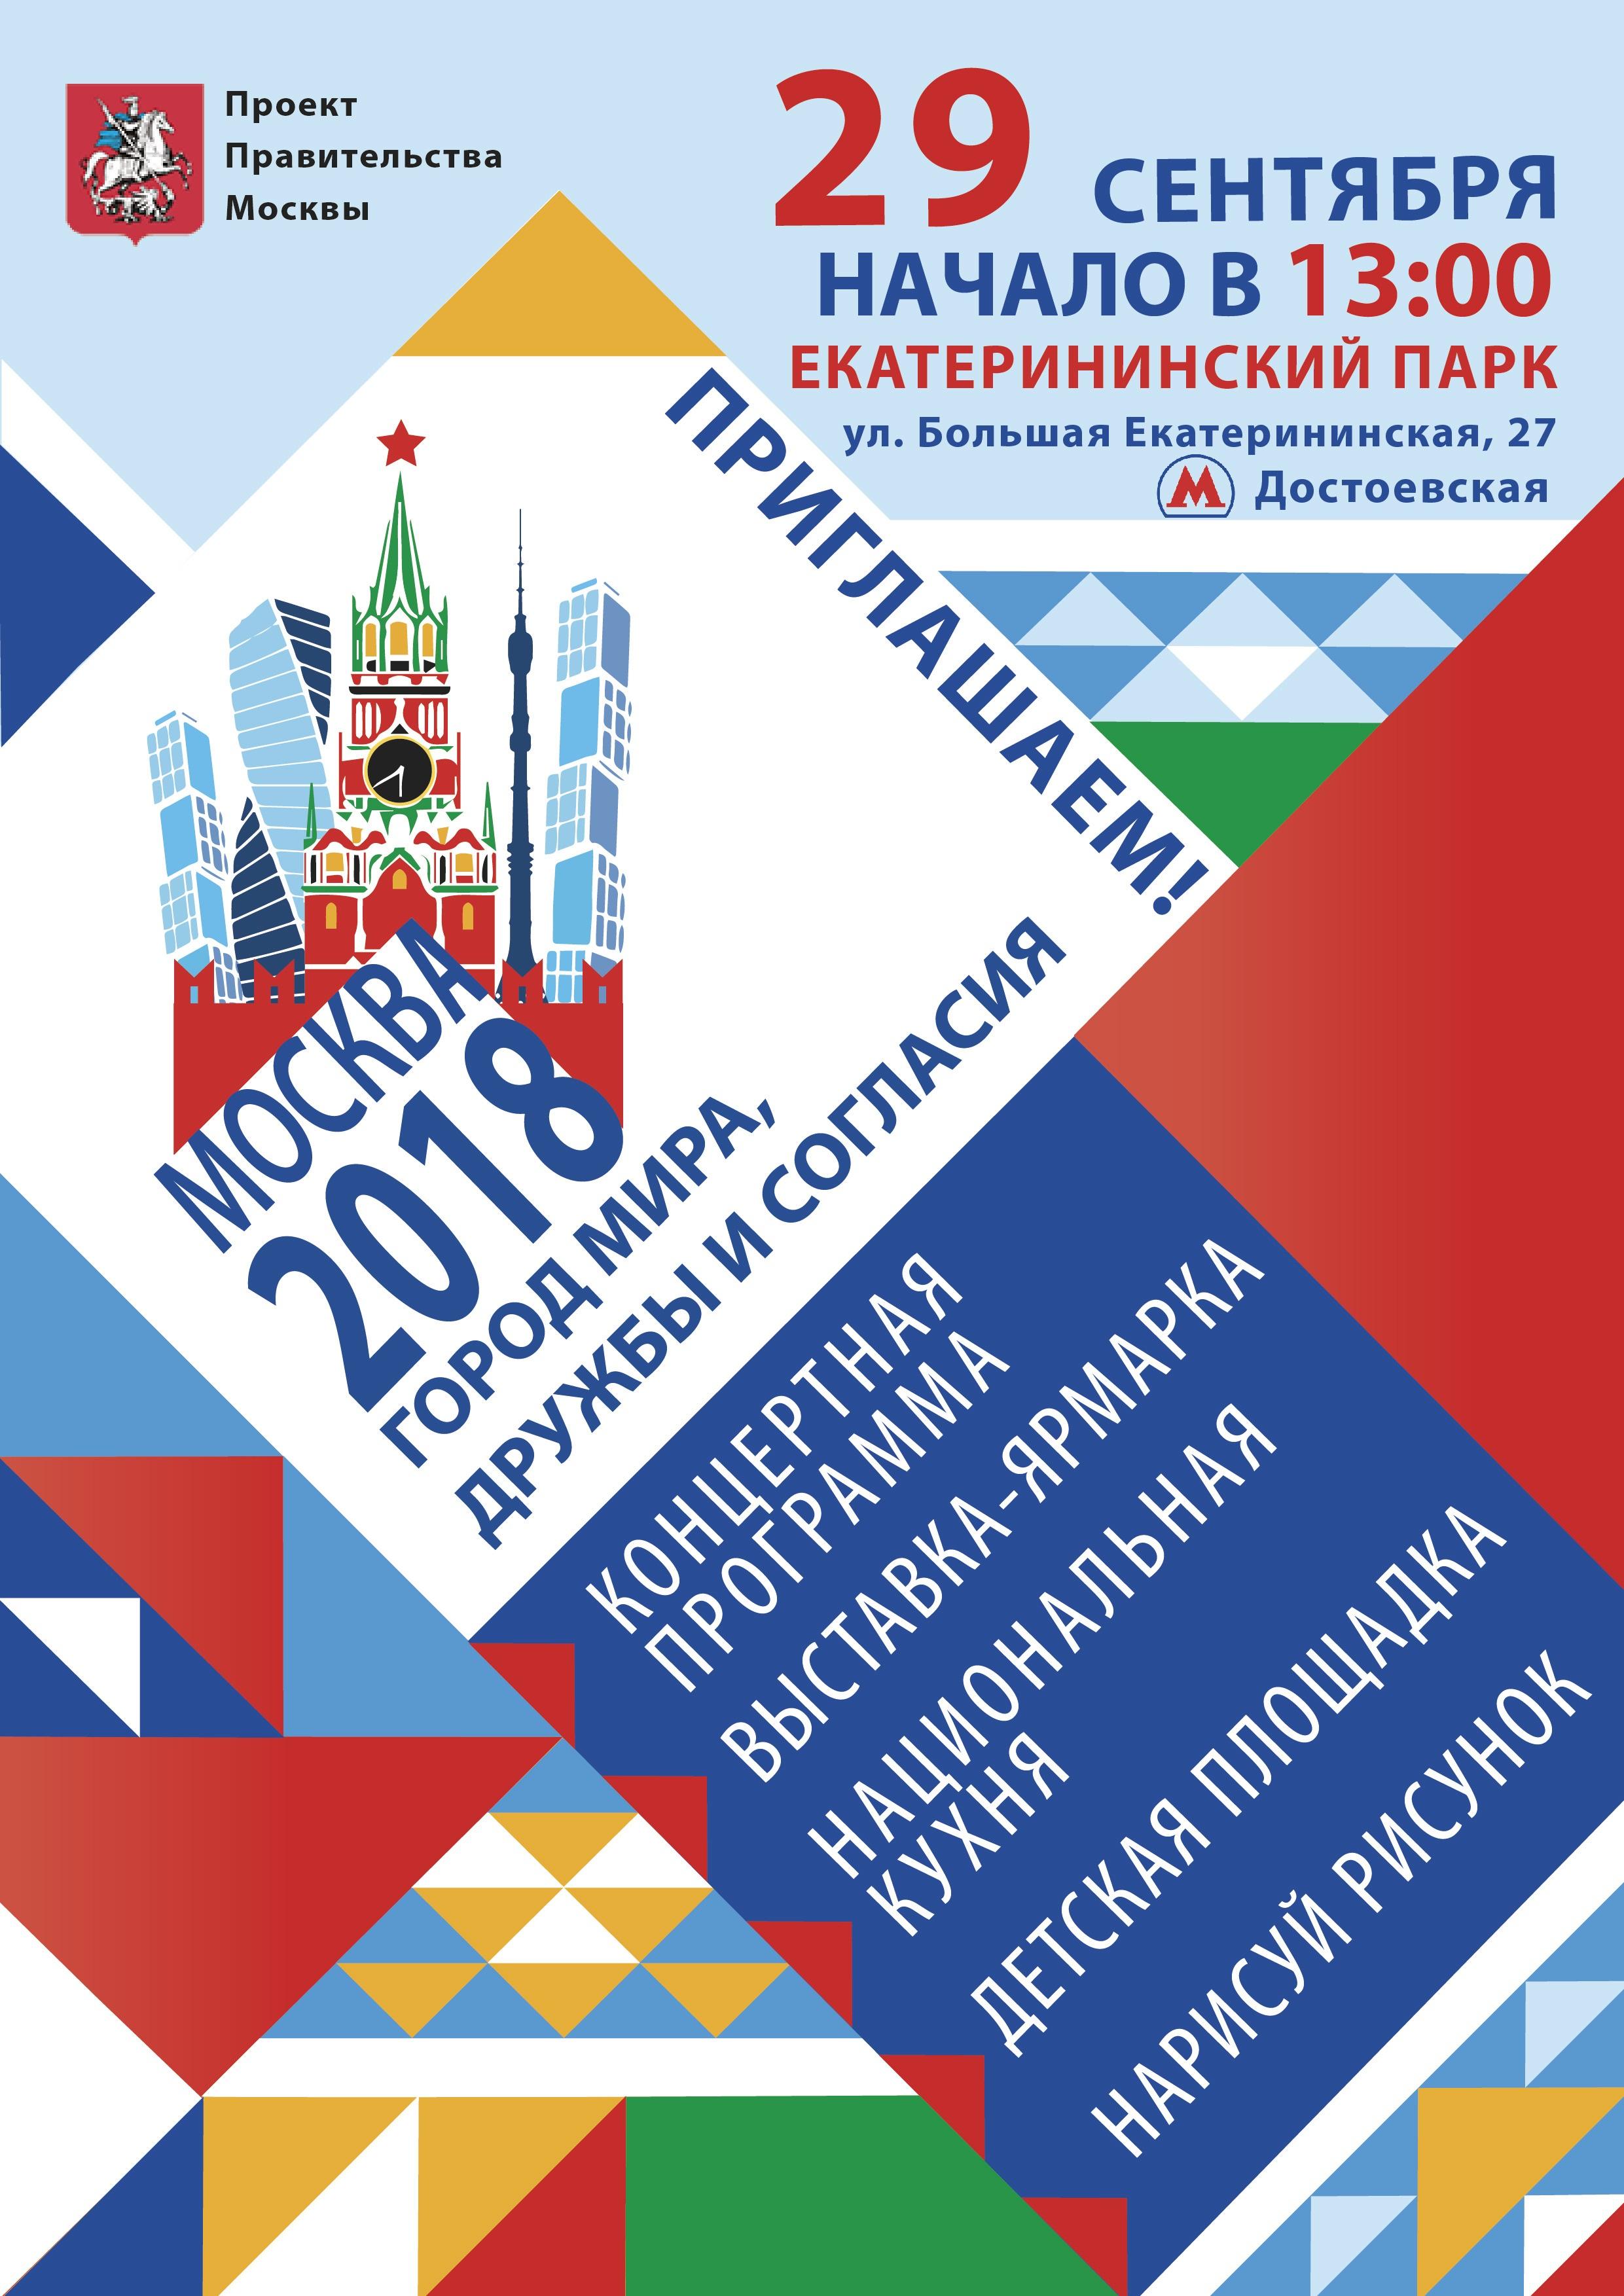 Москва - город мира, дружбы и согласия